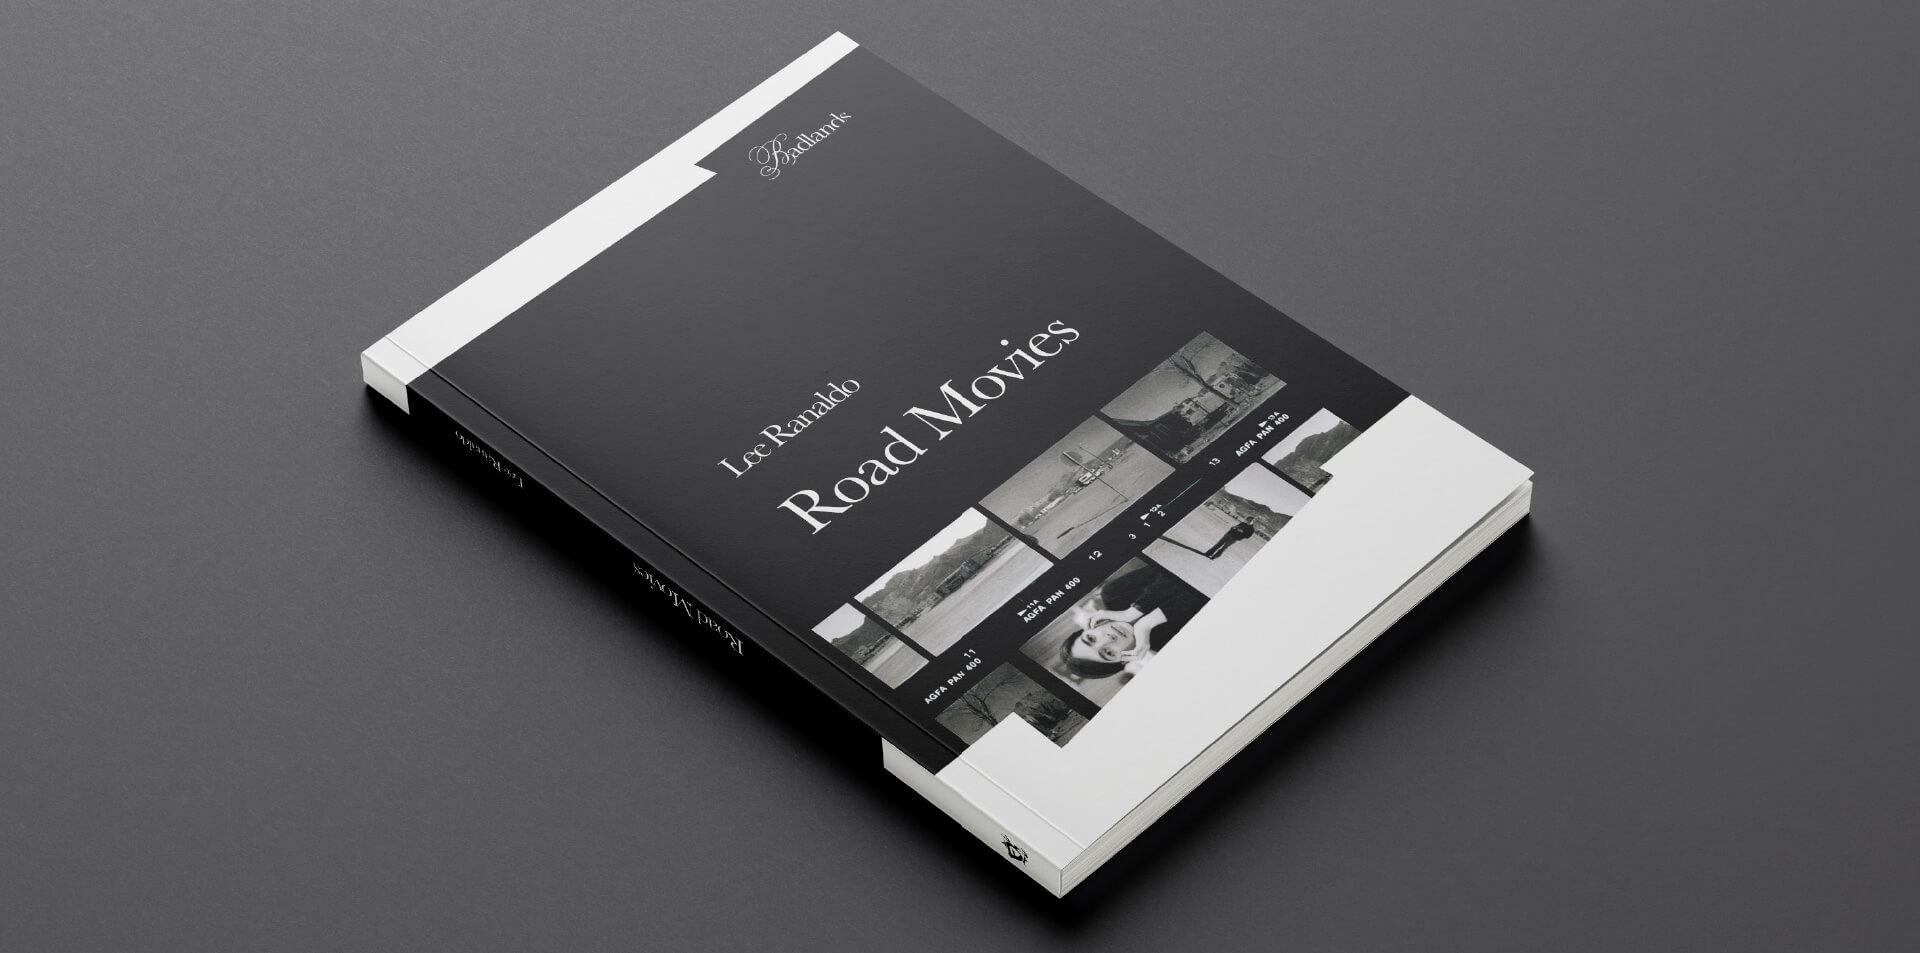 Copertina libro musica